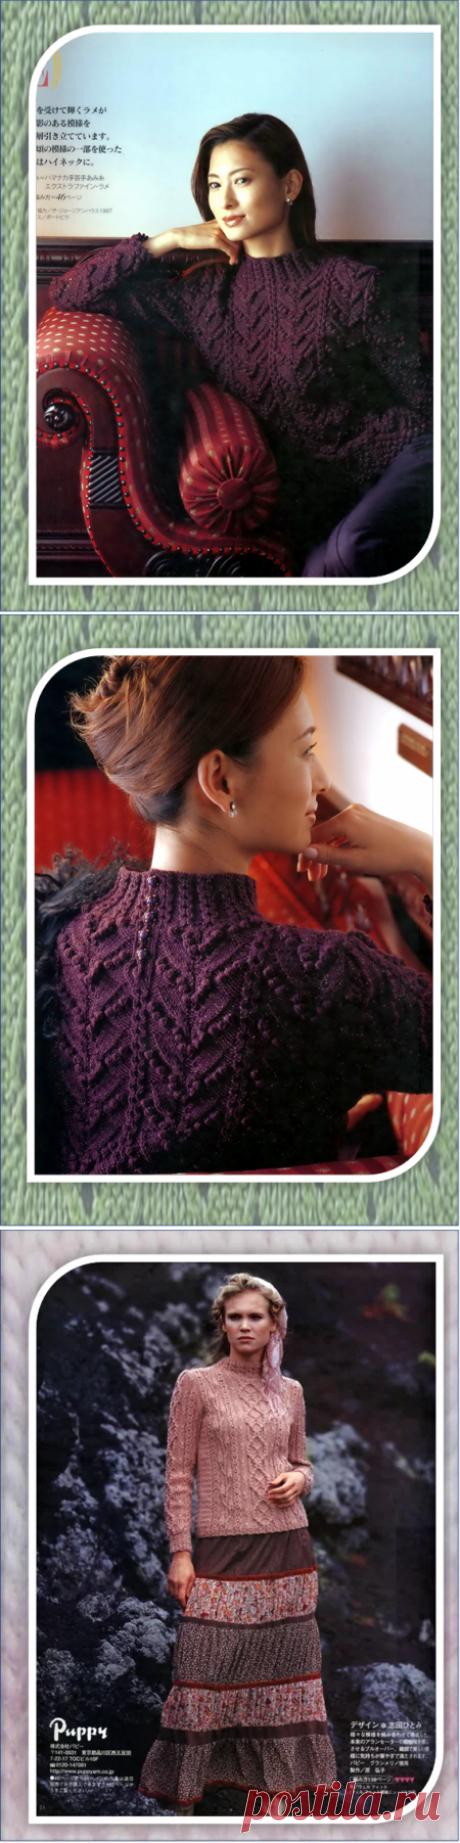 Пять вязаных теплых свитеров для поездок за город. Модели и схемы из японских журналов | Embroidery art | Яндекс Дзен